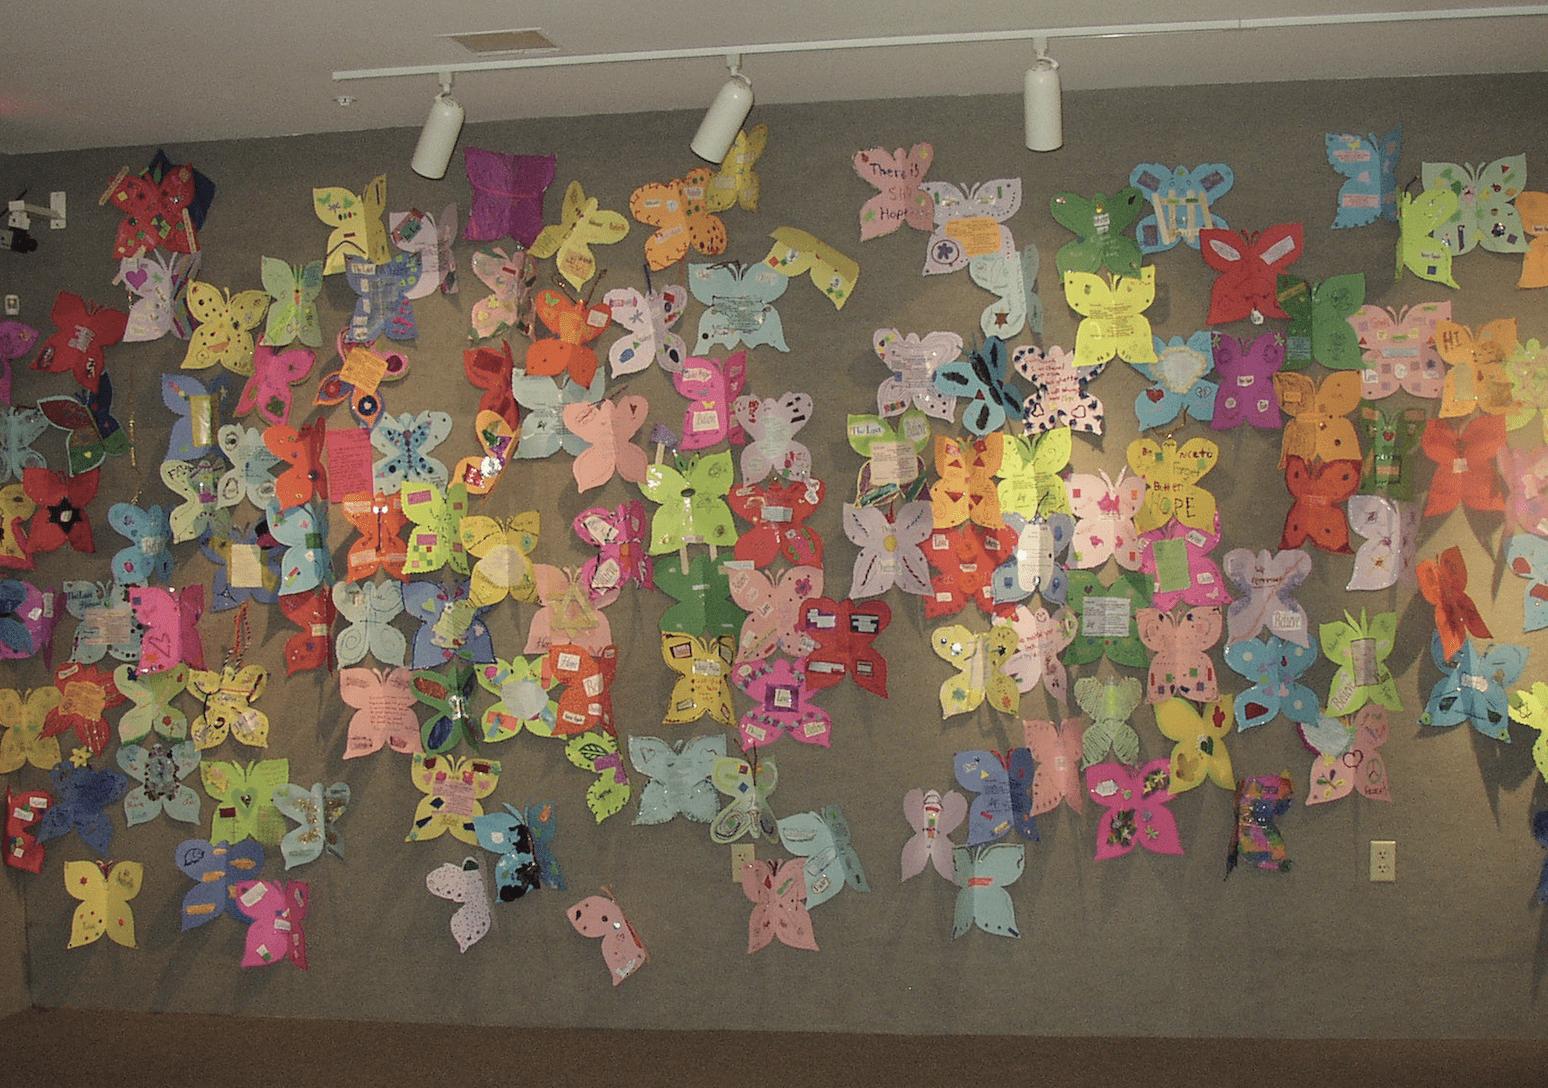 zenspirations_by_joanne_fink_paper_butterflies